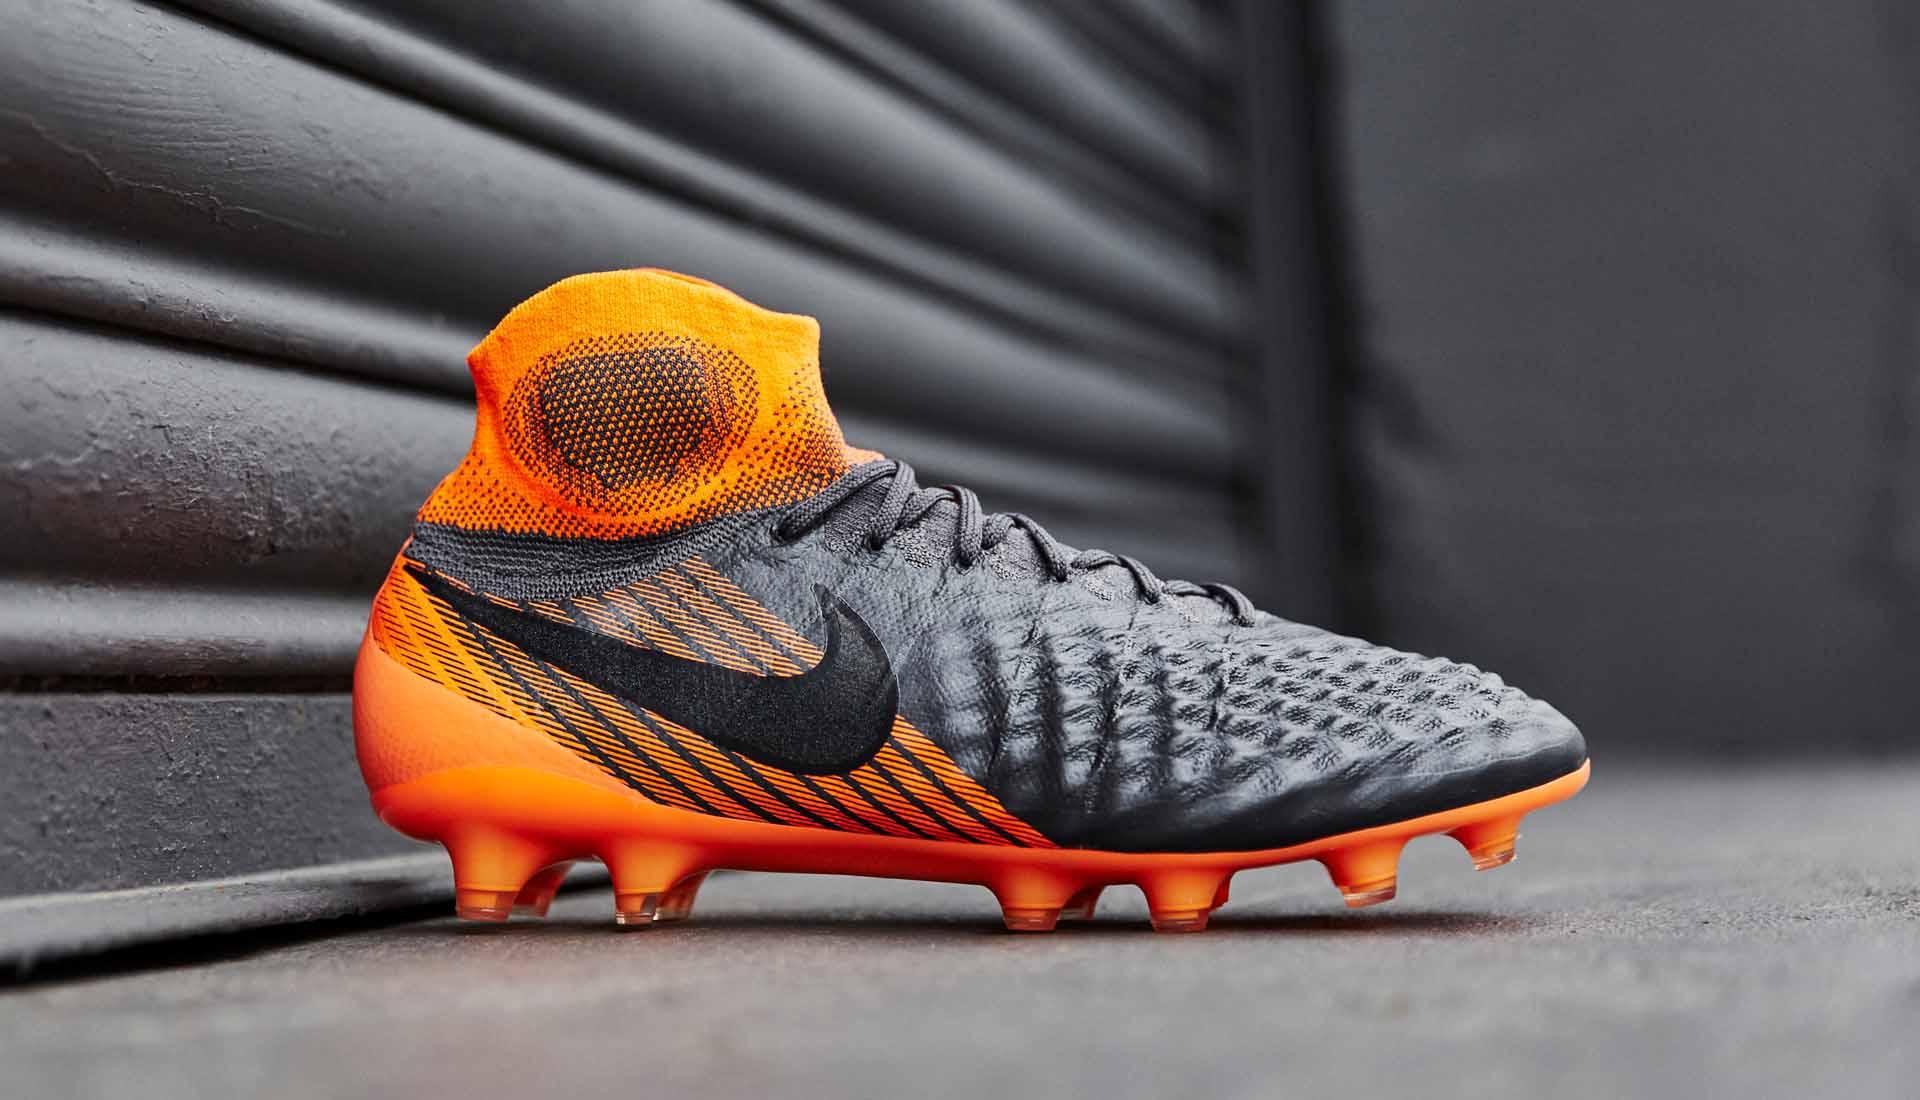 Chaussures de foot Nike Magista Obra II Fast AF pack